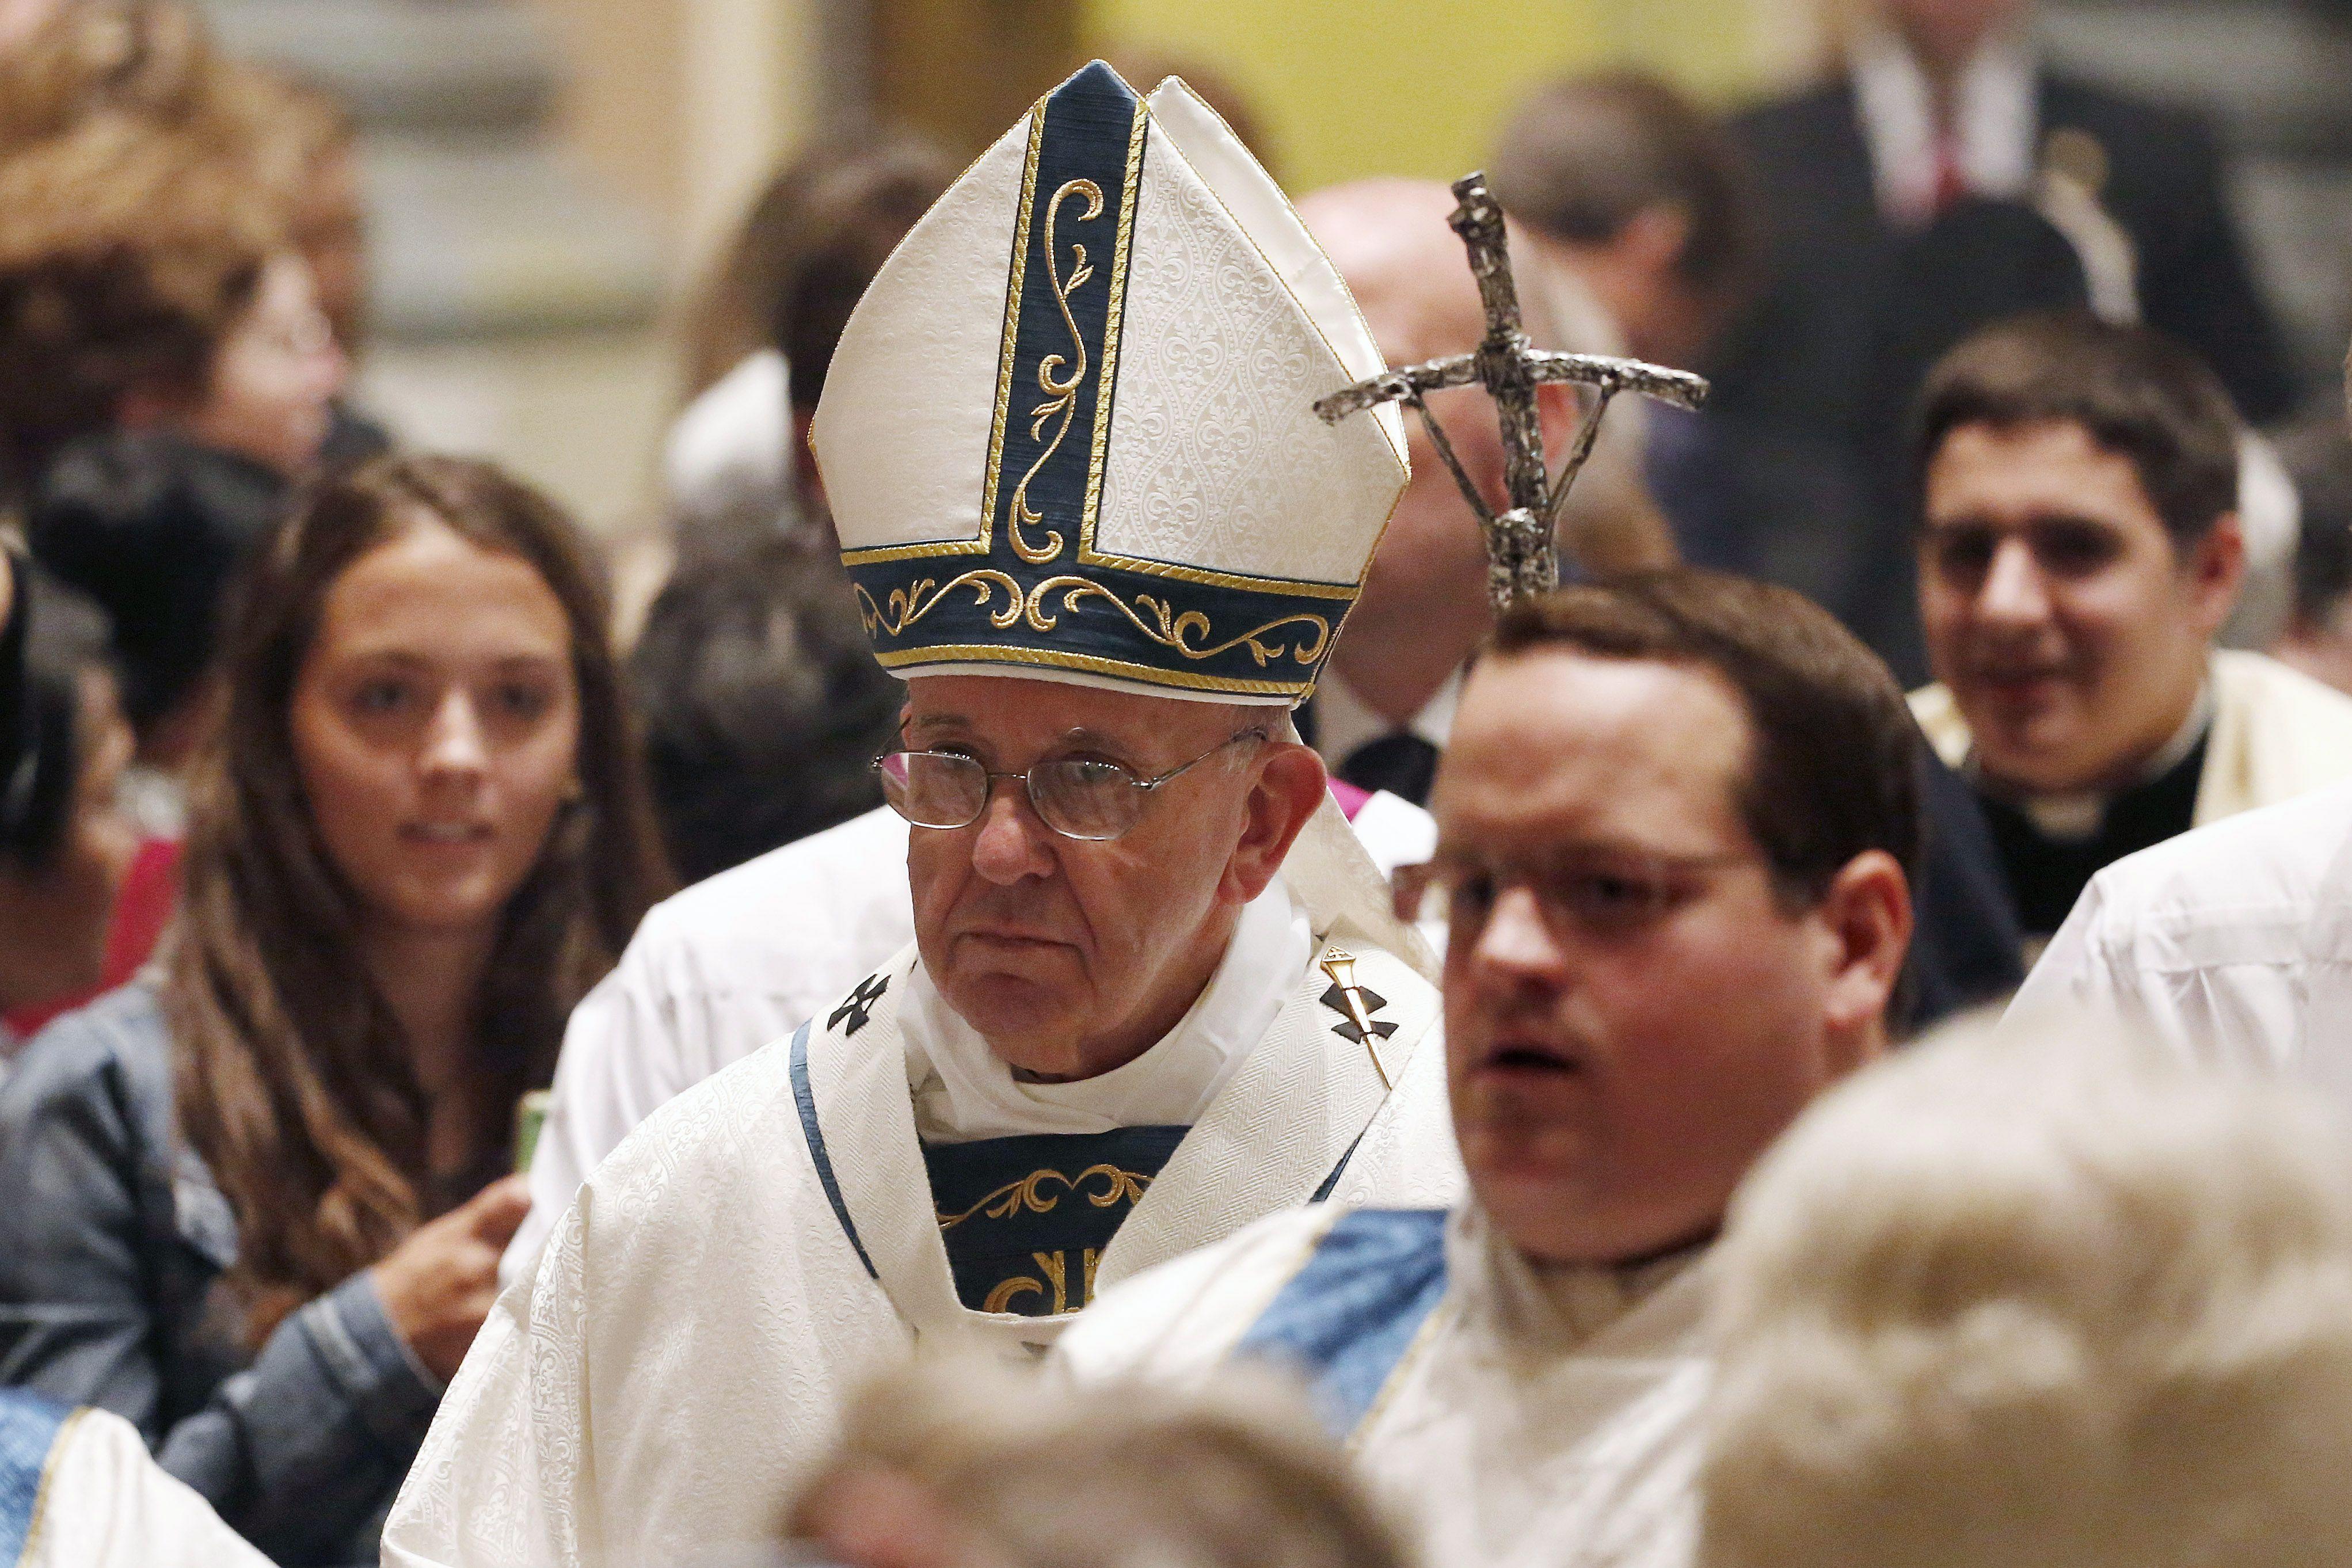 El llíder de la Iglesia Católica durante la misa en la Catedral de Filadelfia.. (Foto Reuters).